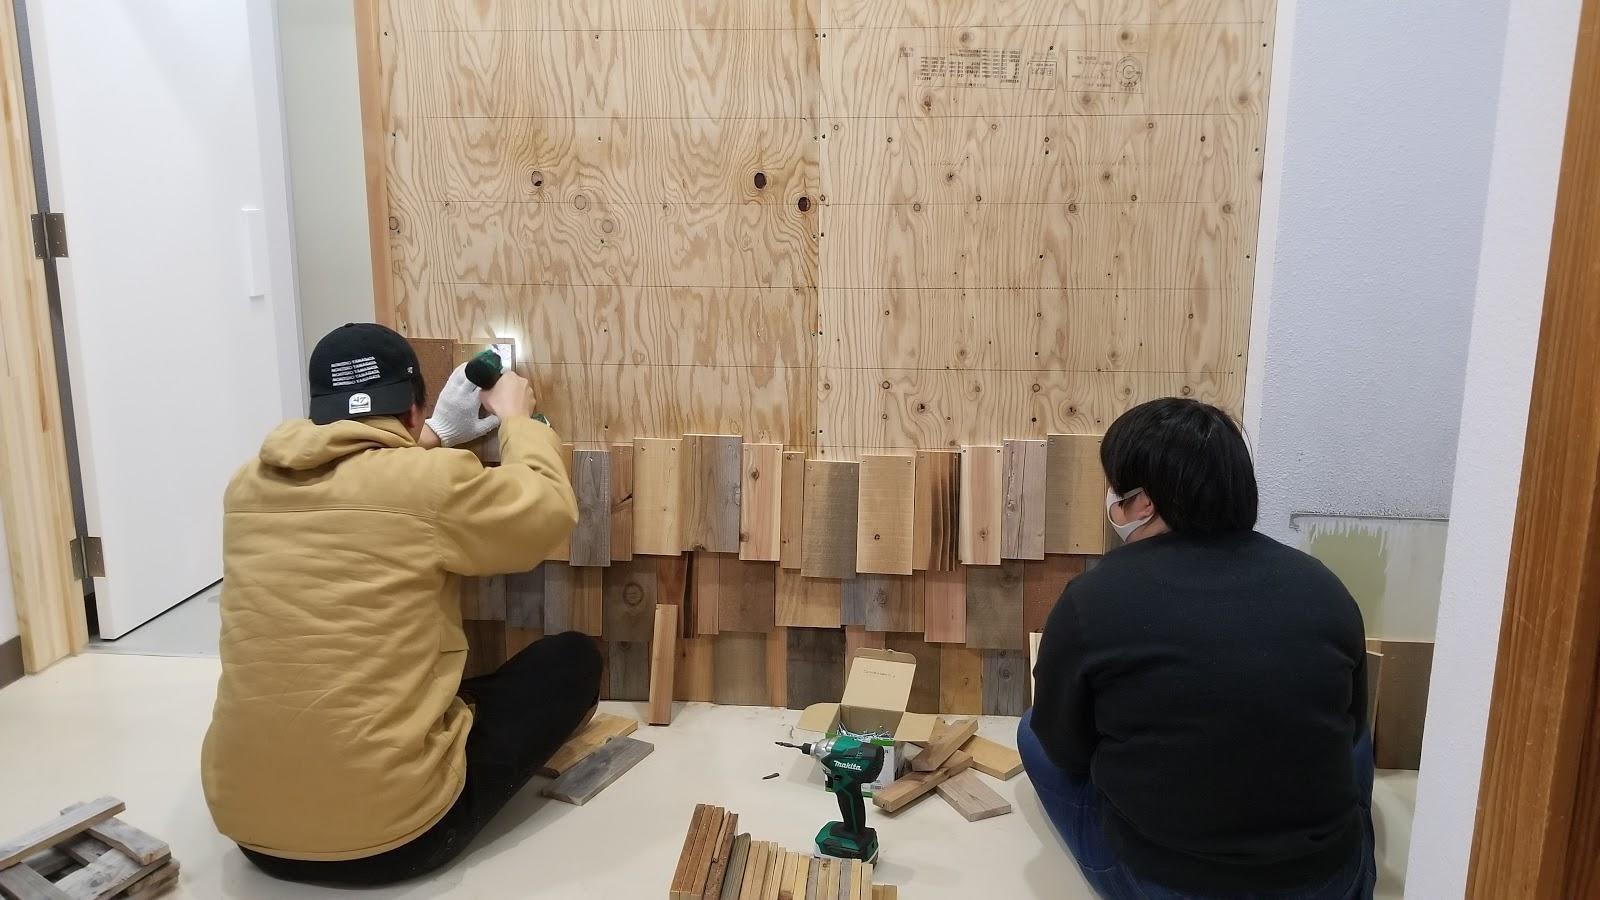 屋内, 人, 男, 部屋 が含まれている画像  自動的に生成された説明